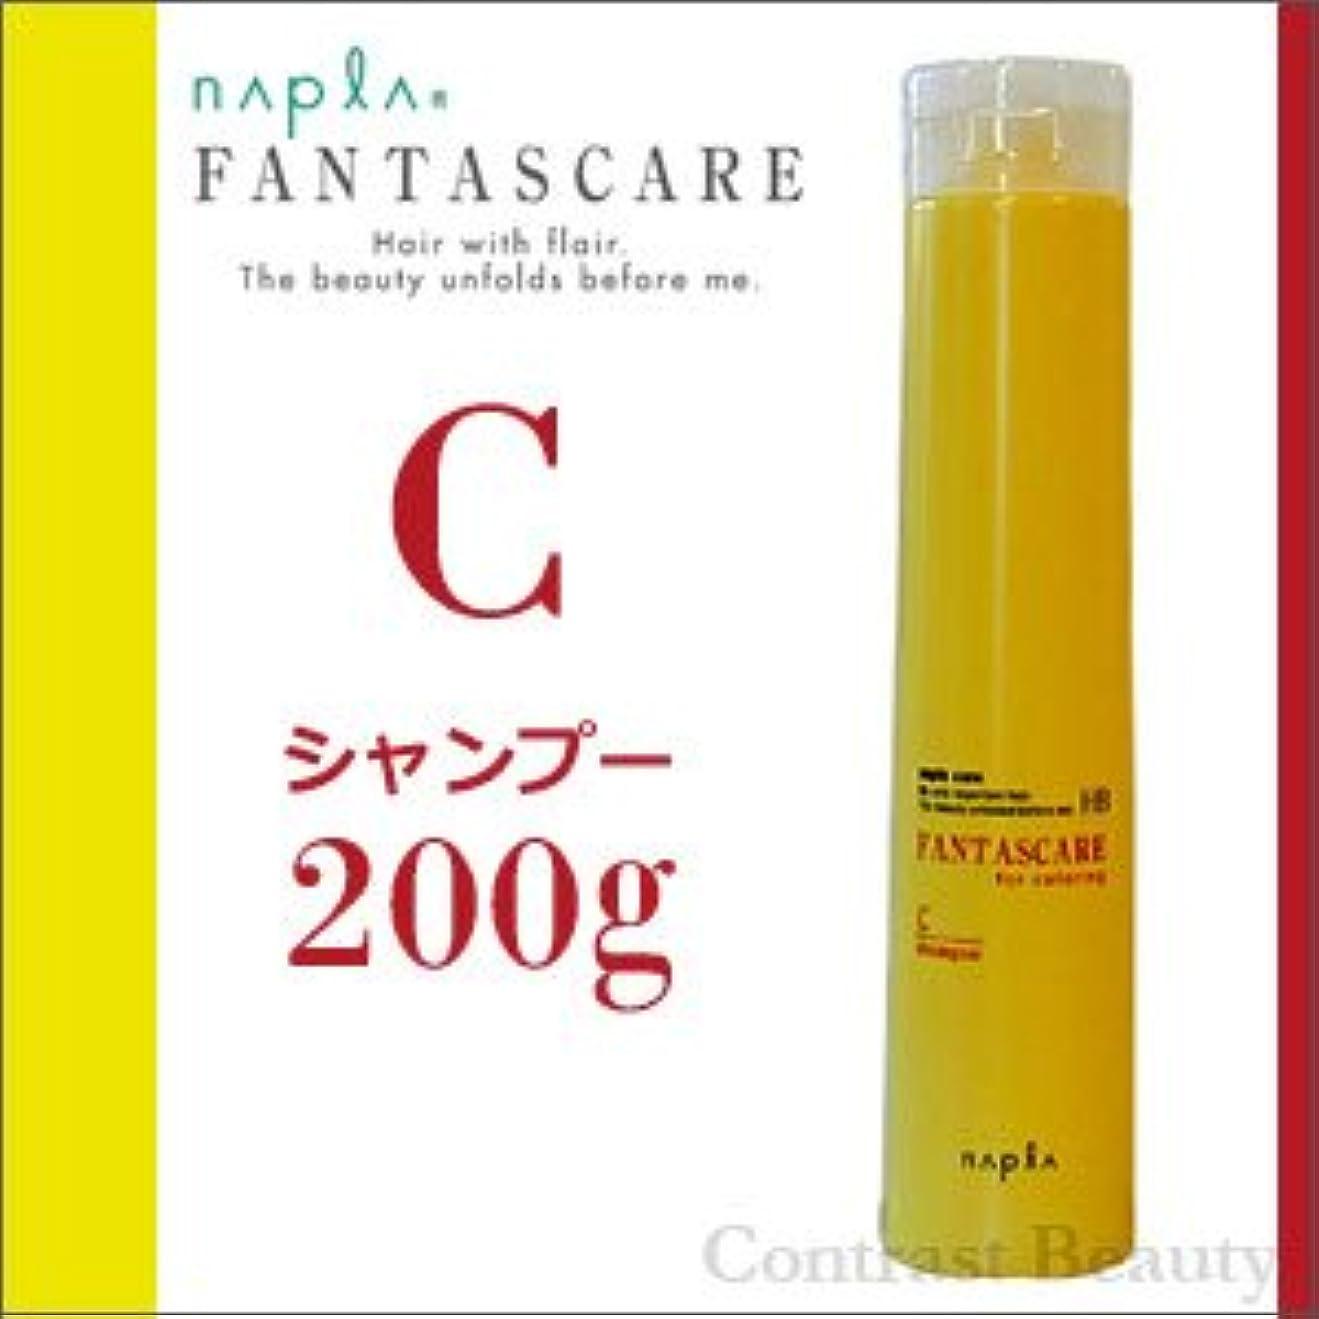 【X5個セット】 ナプラ ファンタスケア Cシャンプー 200g napla